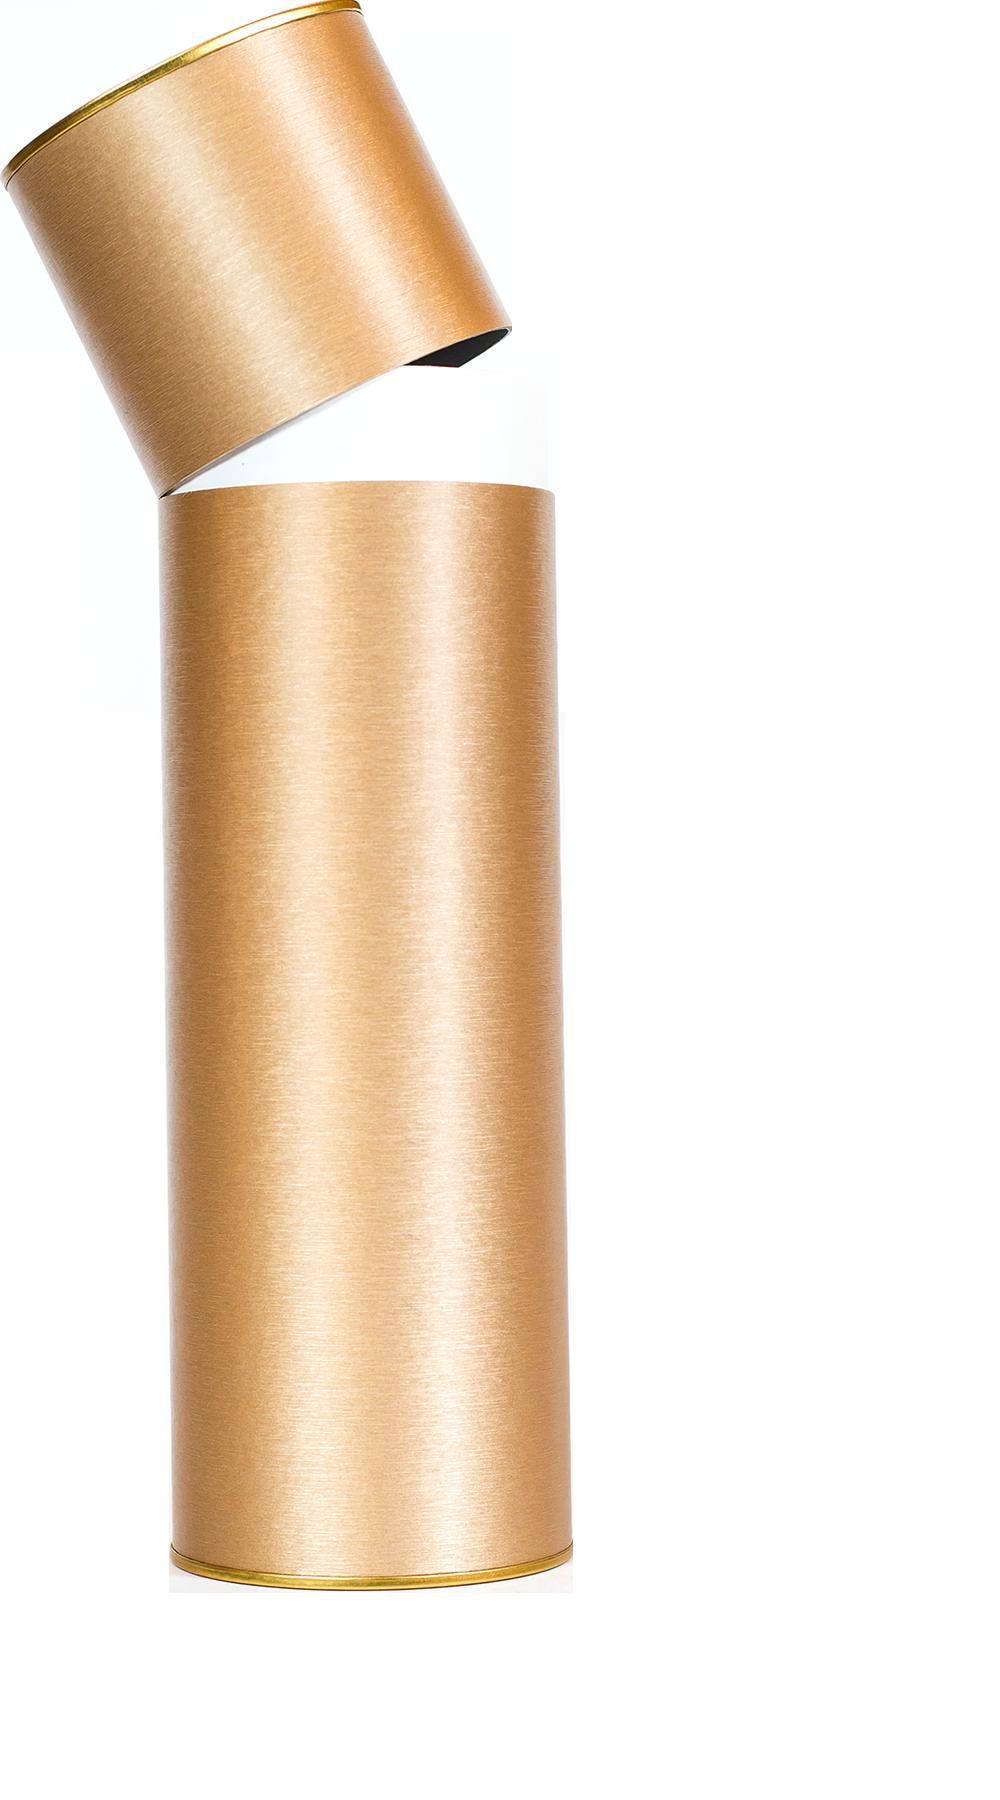 Фасовка сыпучих продуктов в тубы